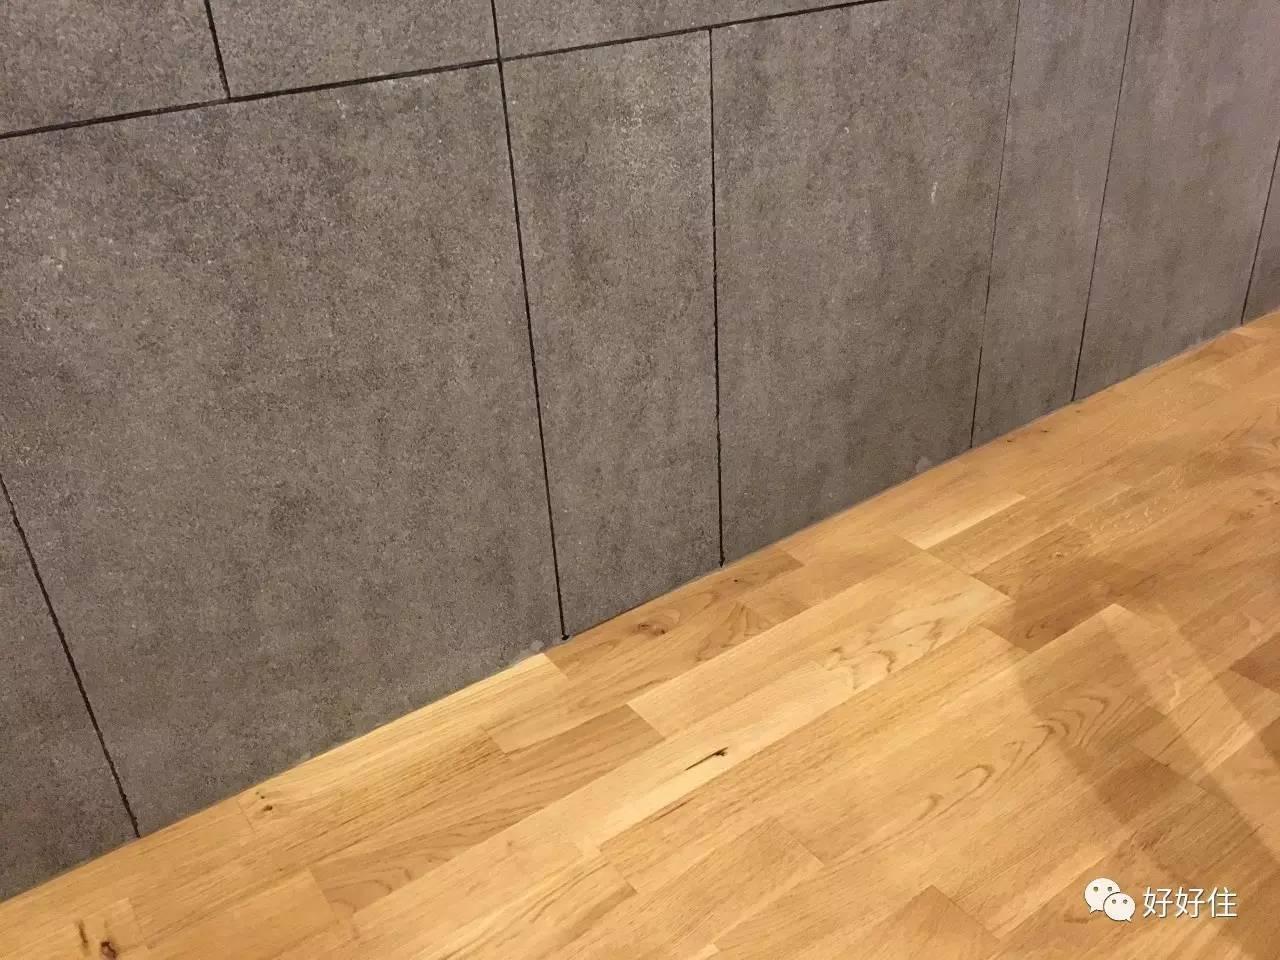 立面瓷砖与木地板交接处无踢脚线.